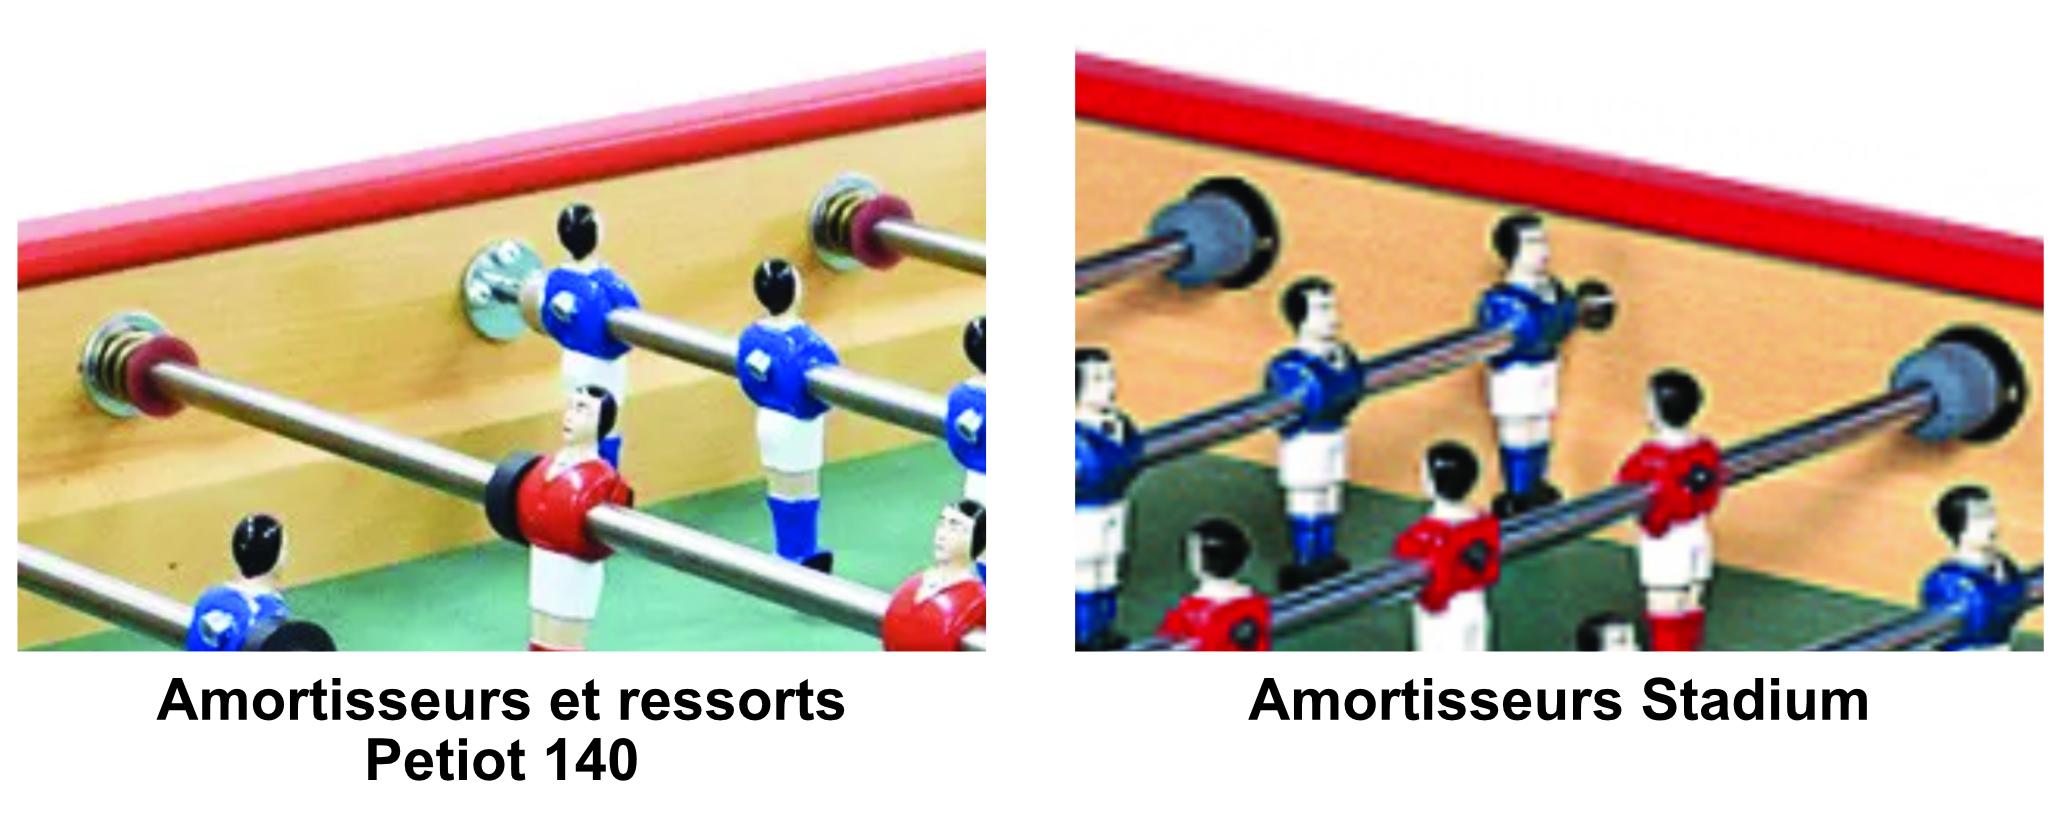 Baby-petiot-140-et-bonzini-stadium-comparatif-amortisseur-blog